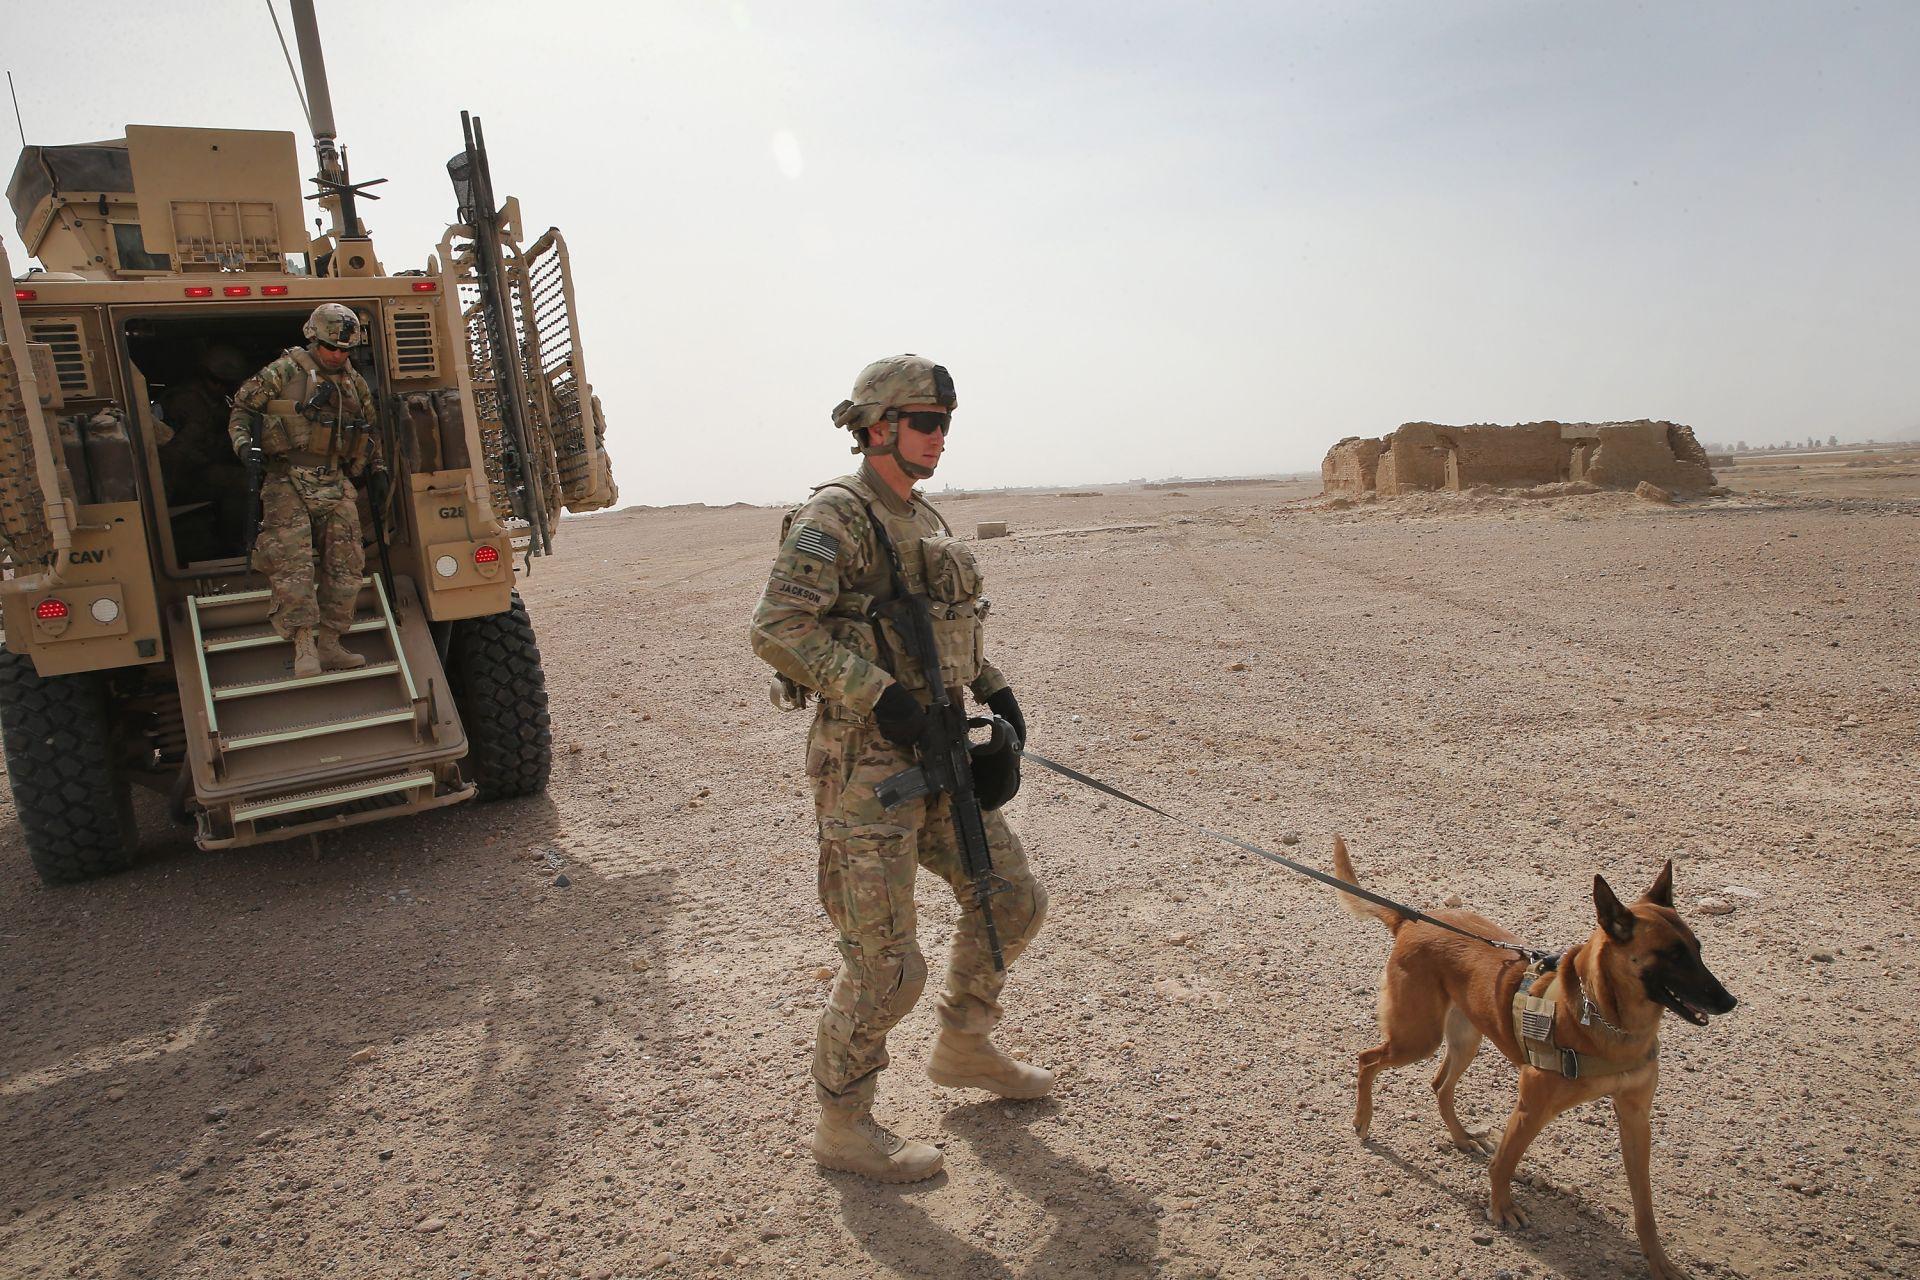 Зарязаха армейски кучета на летището в Кабул без храна и вода (Снимки)